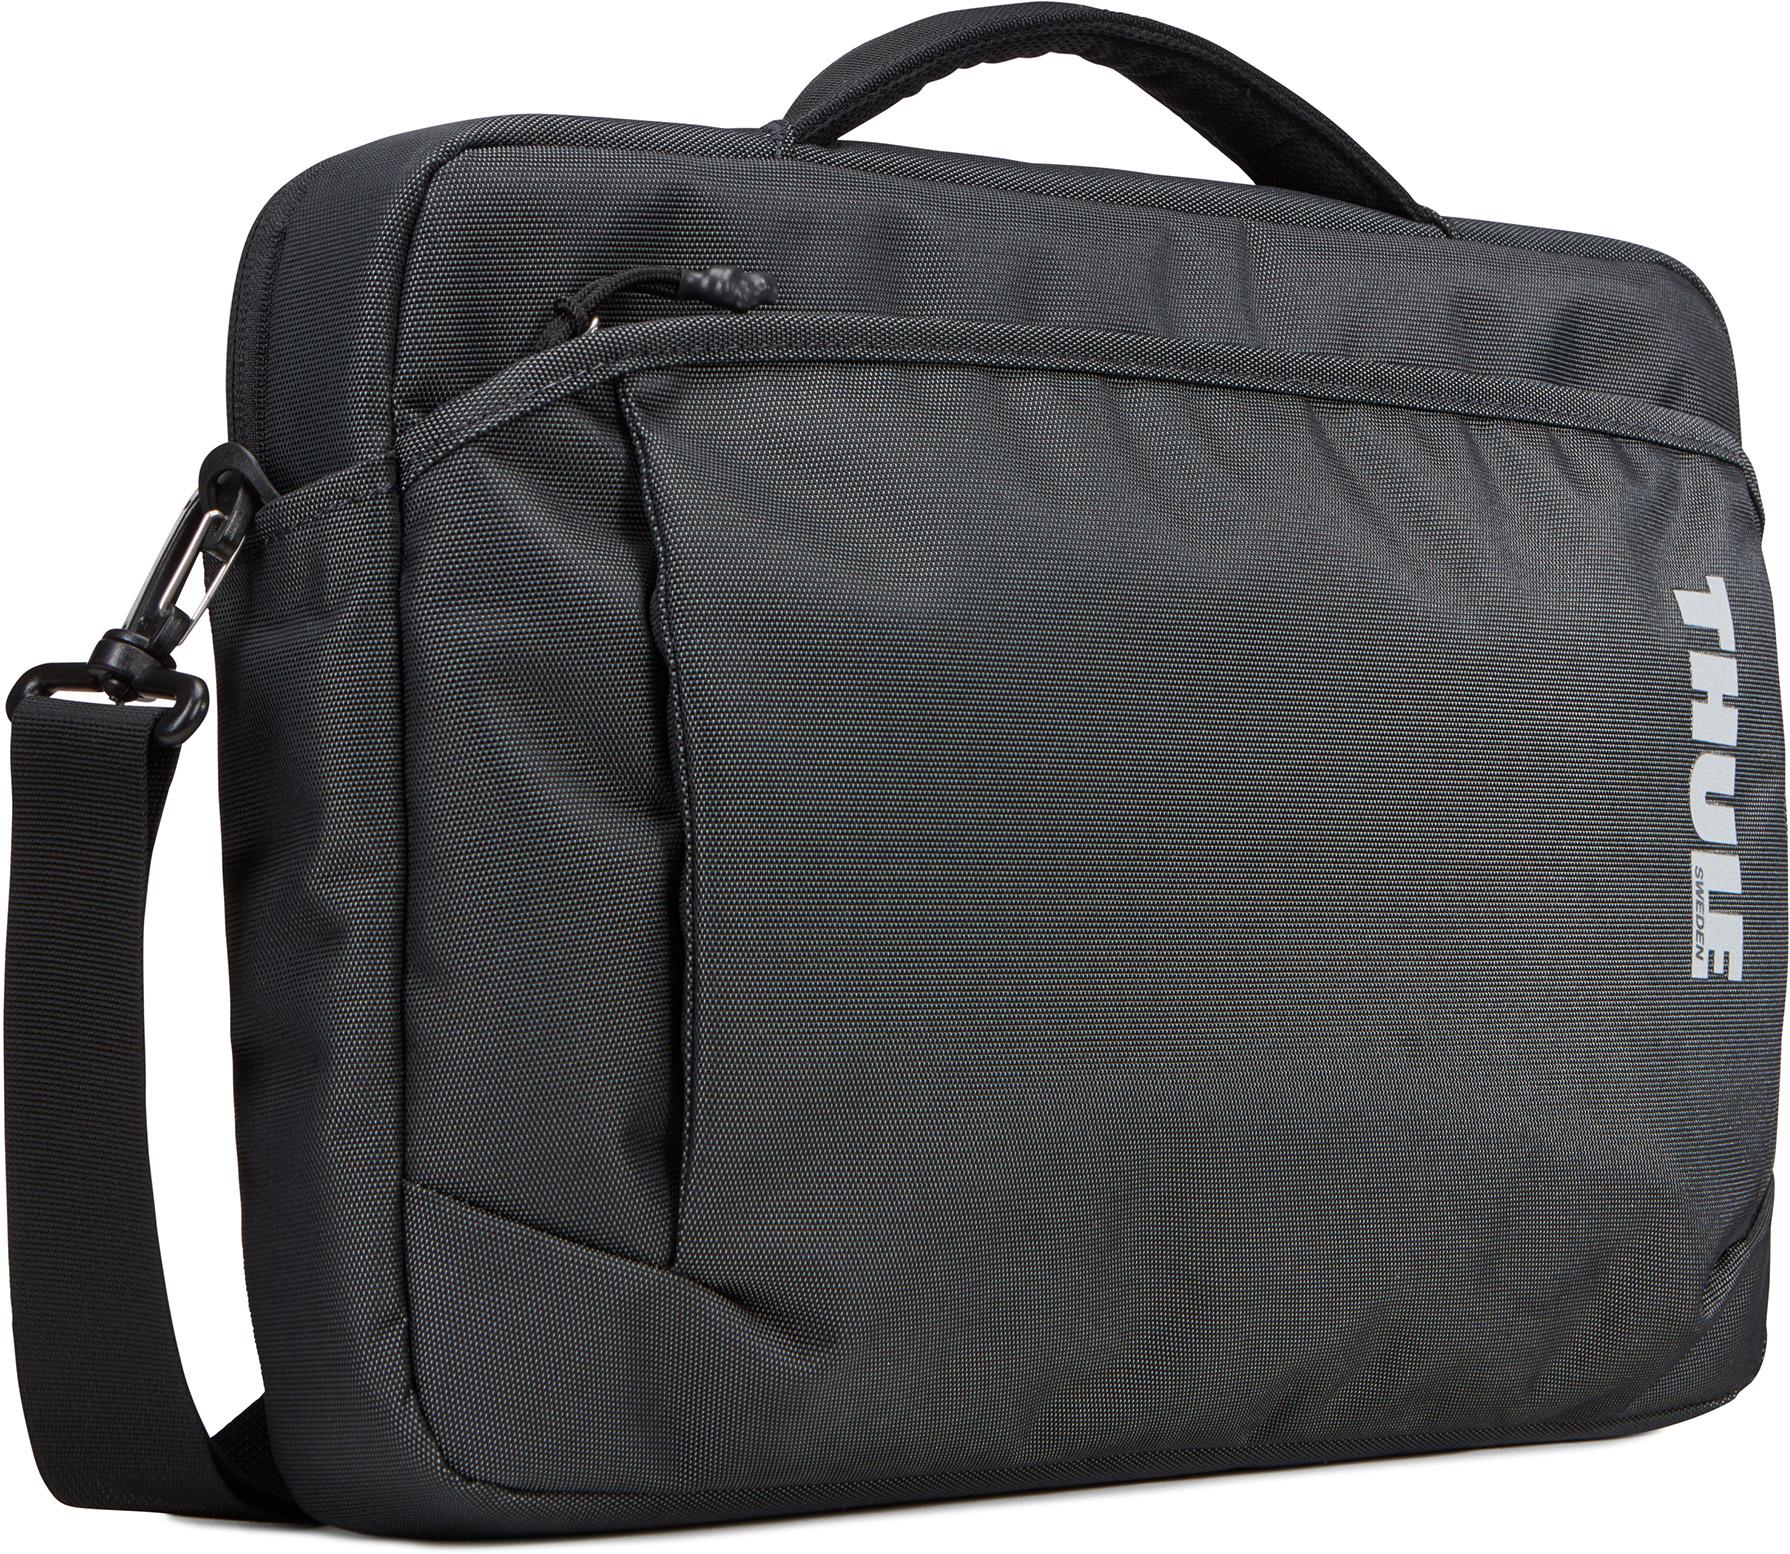 Bild von Thule Subterra 13-Zoll-Laptop-Tasche